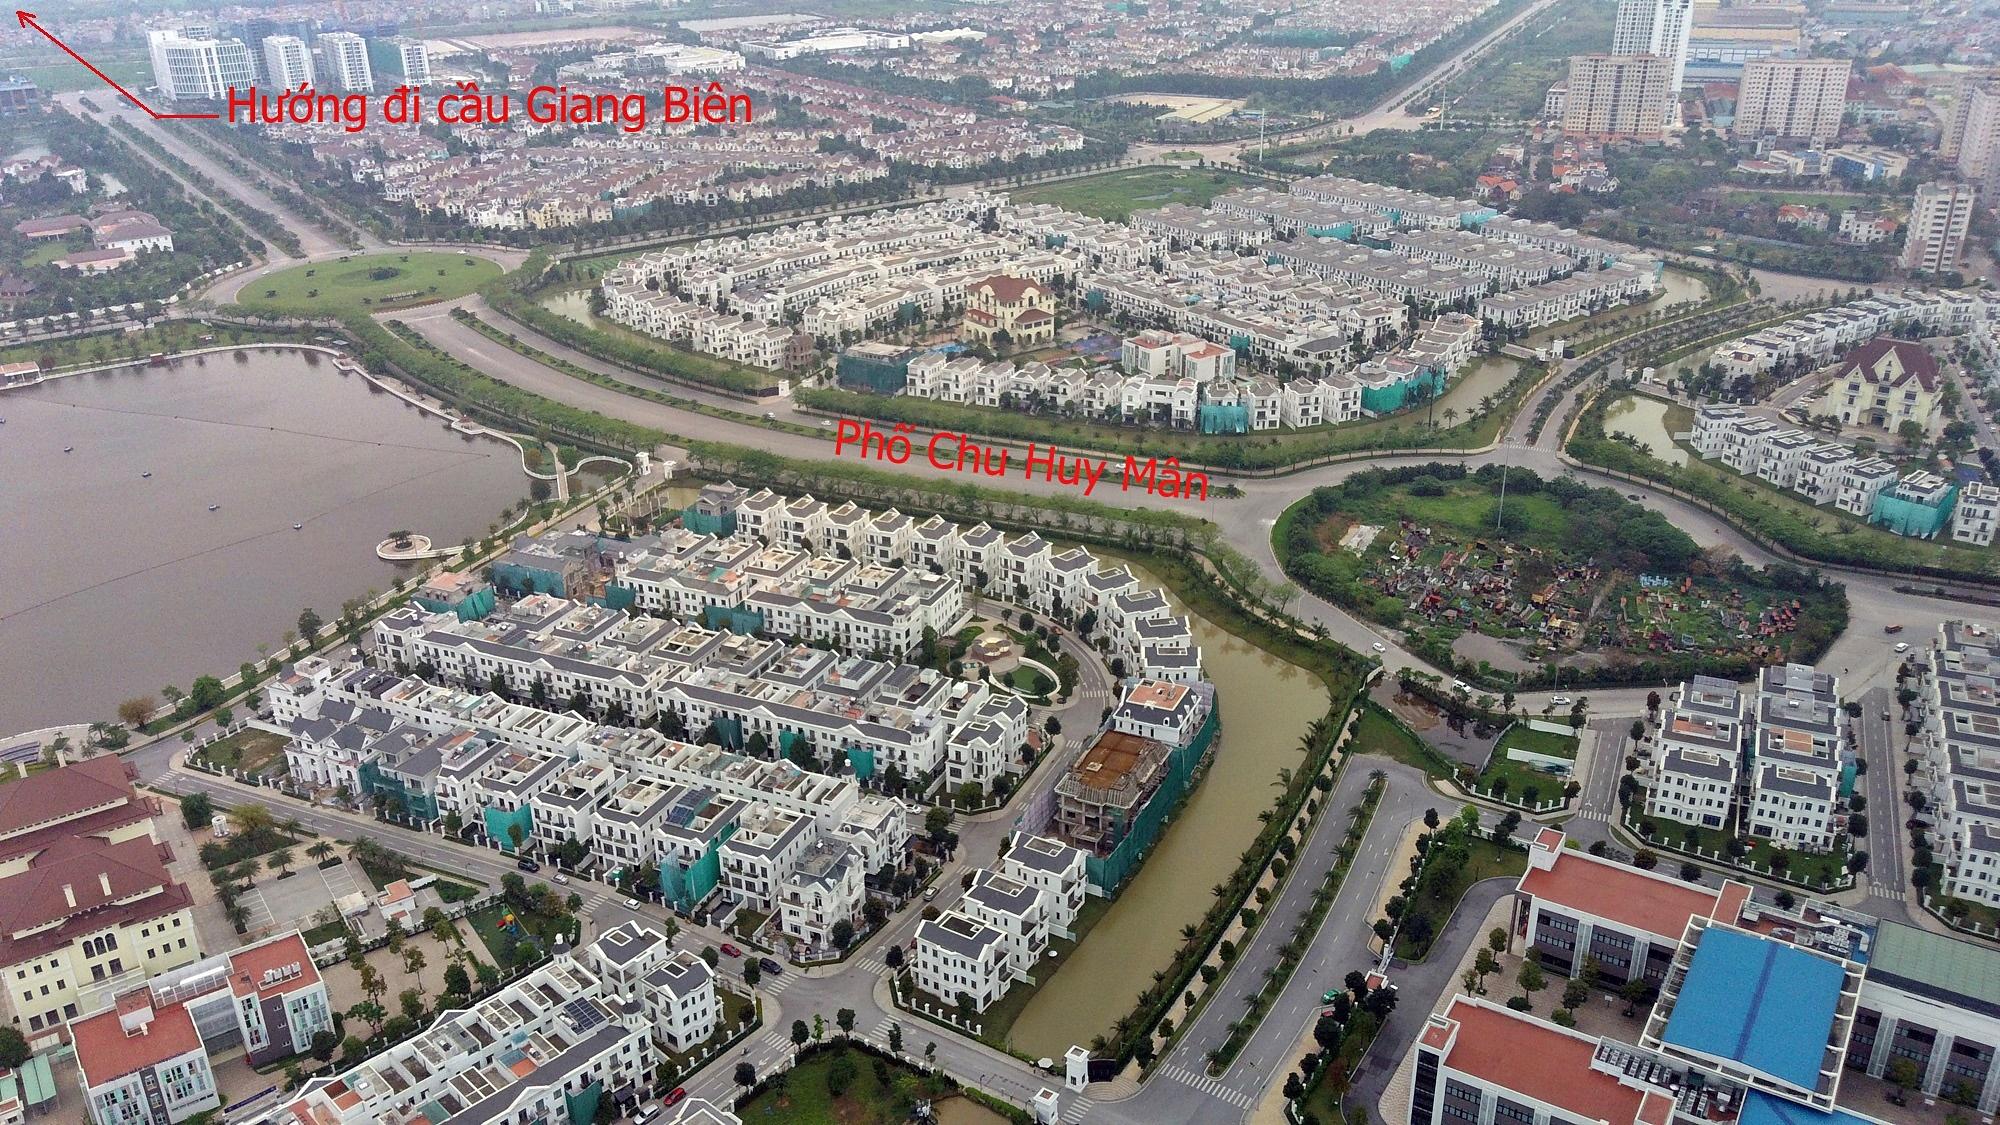 Cầu sẽ mở theo qui hoạch ở Hà Nội: Toành cảnh vị trí làm cầu Giang Biên - Ảnh 9.